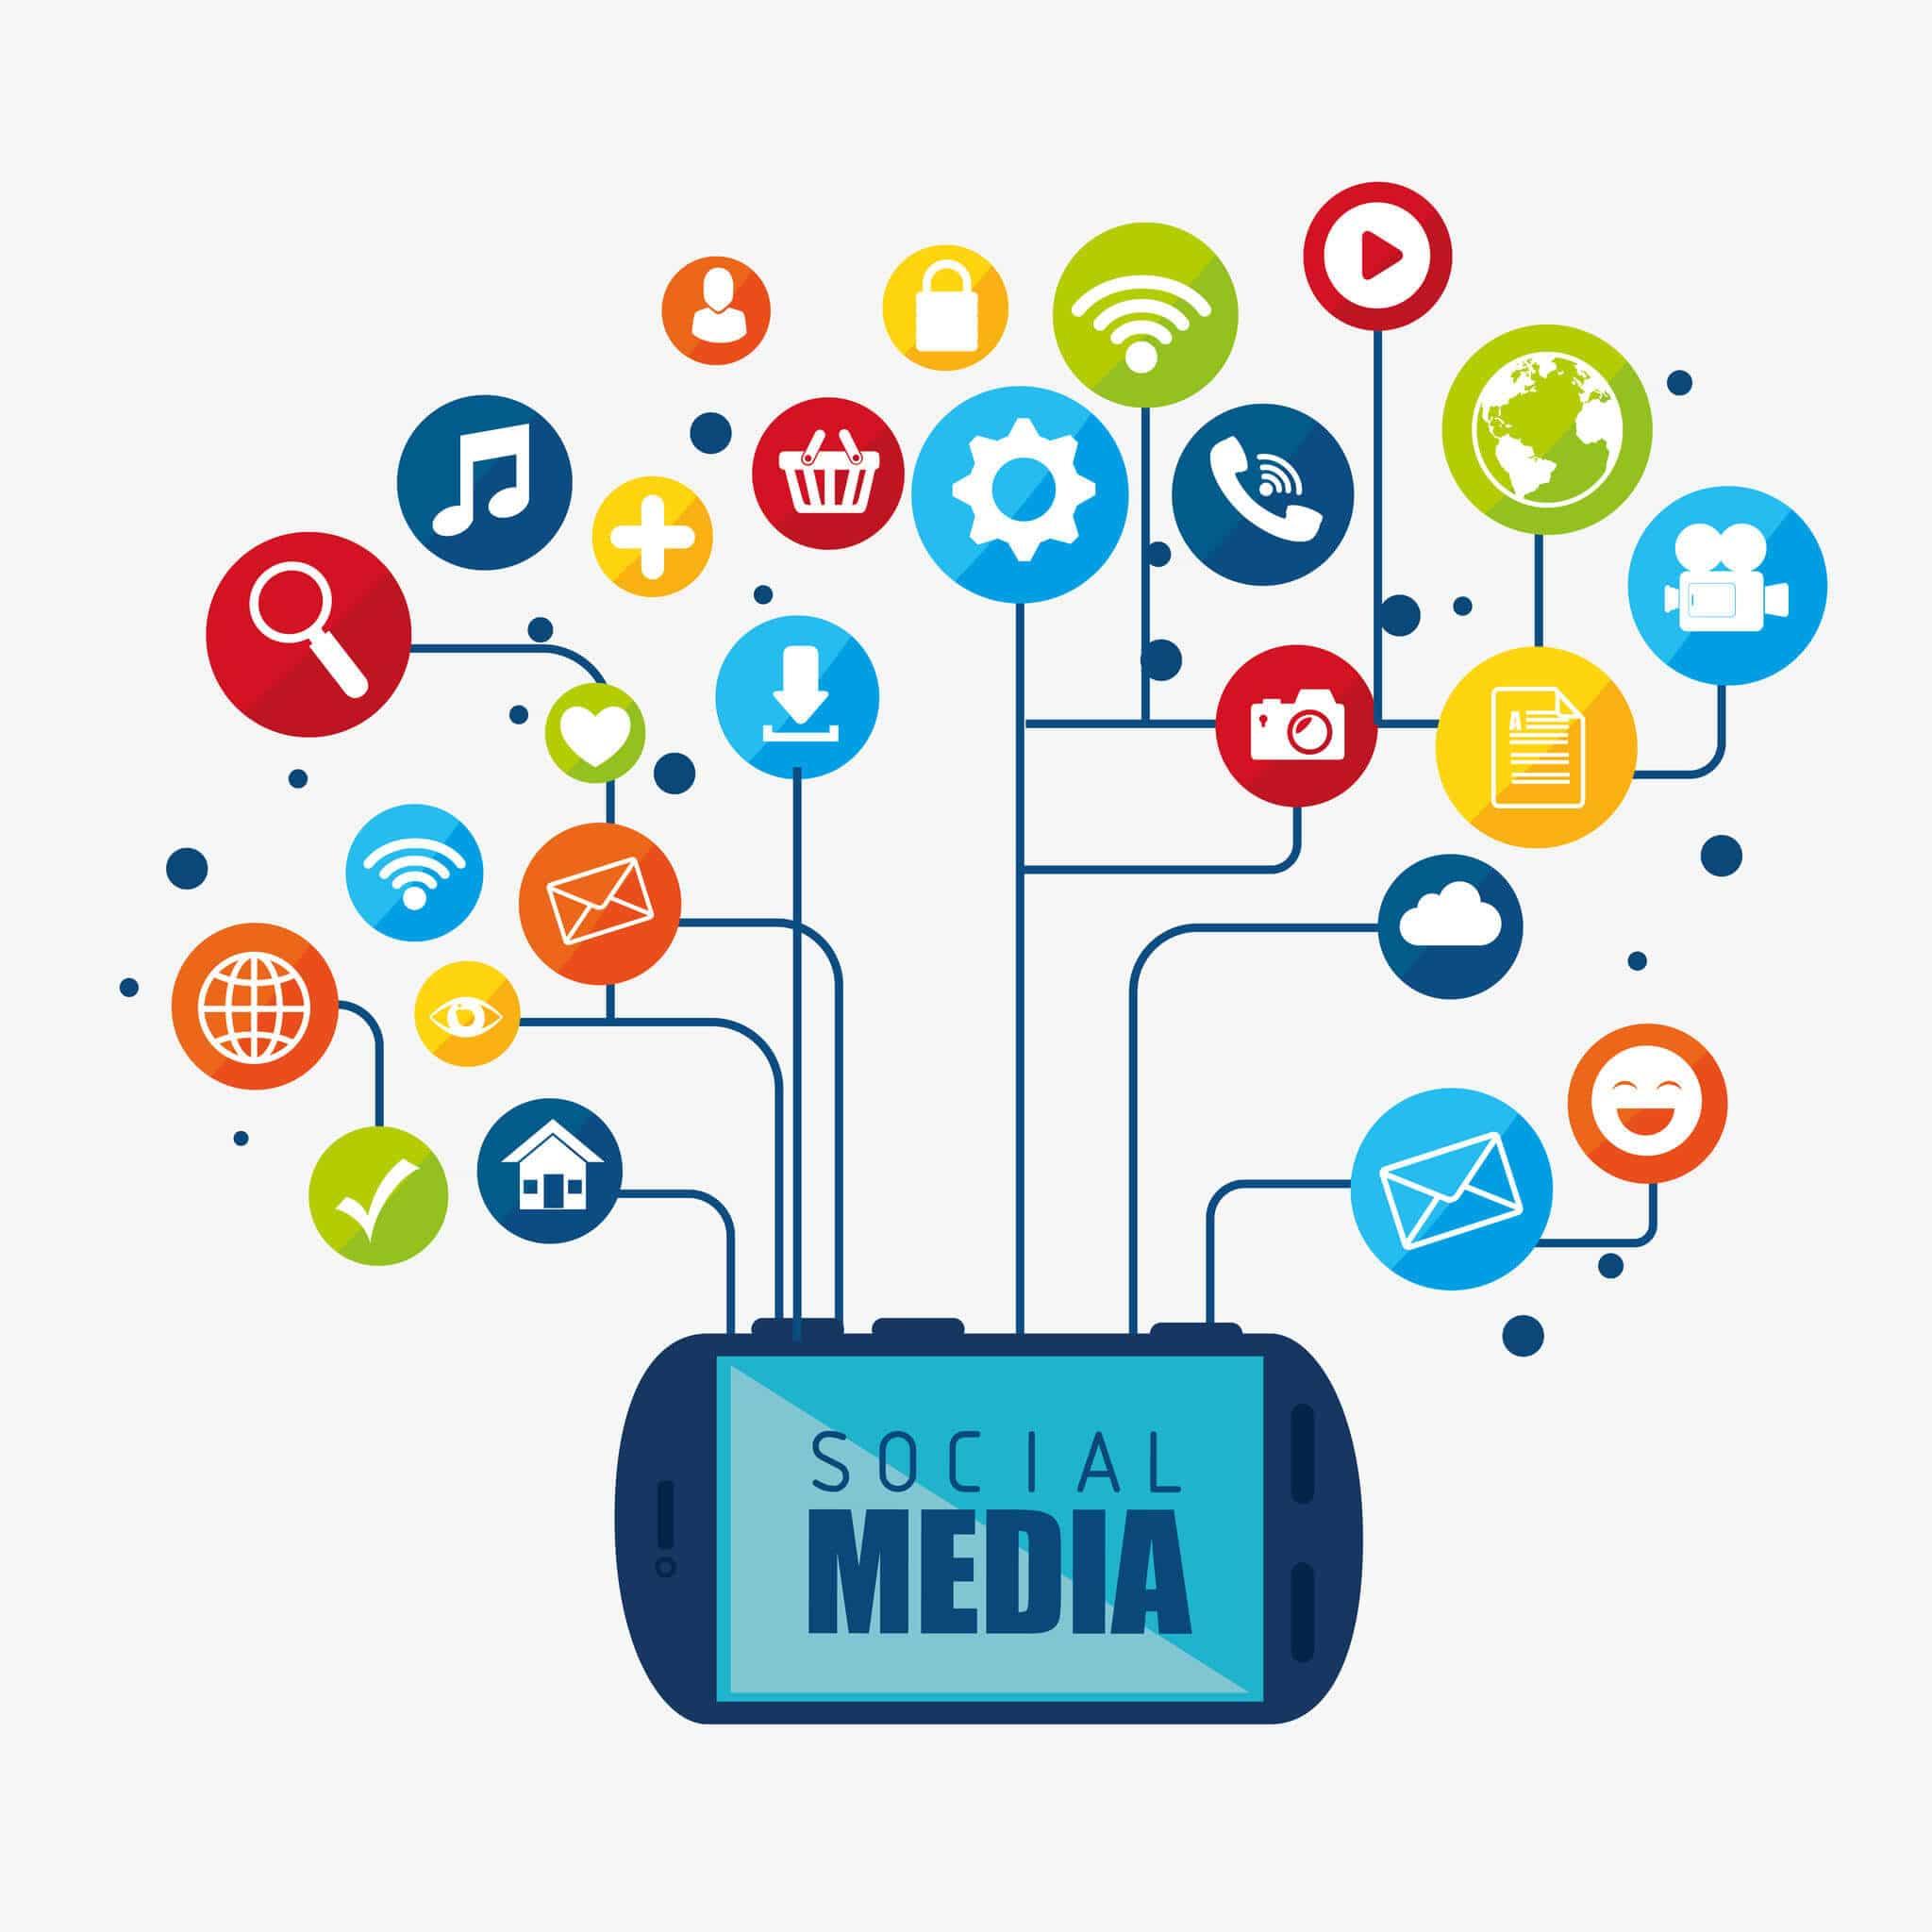 Social Media Marketing - goals